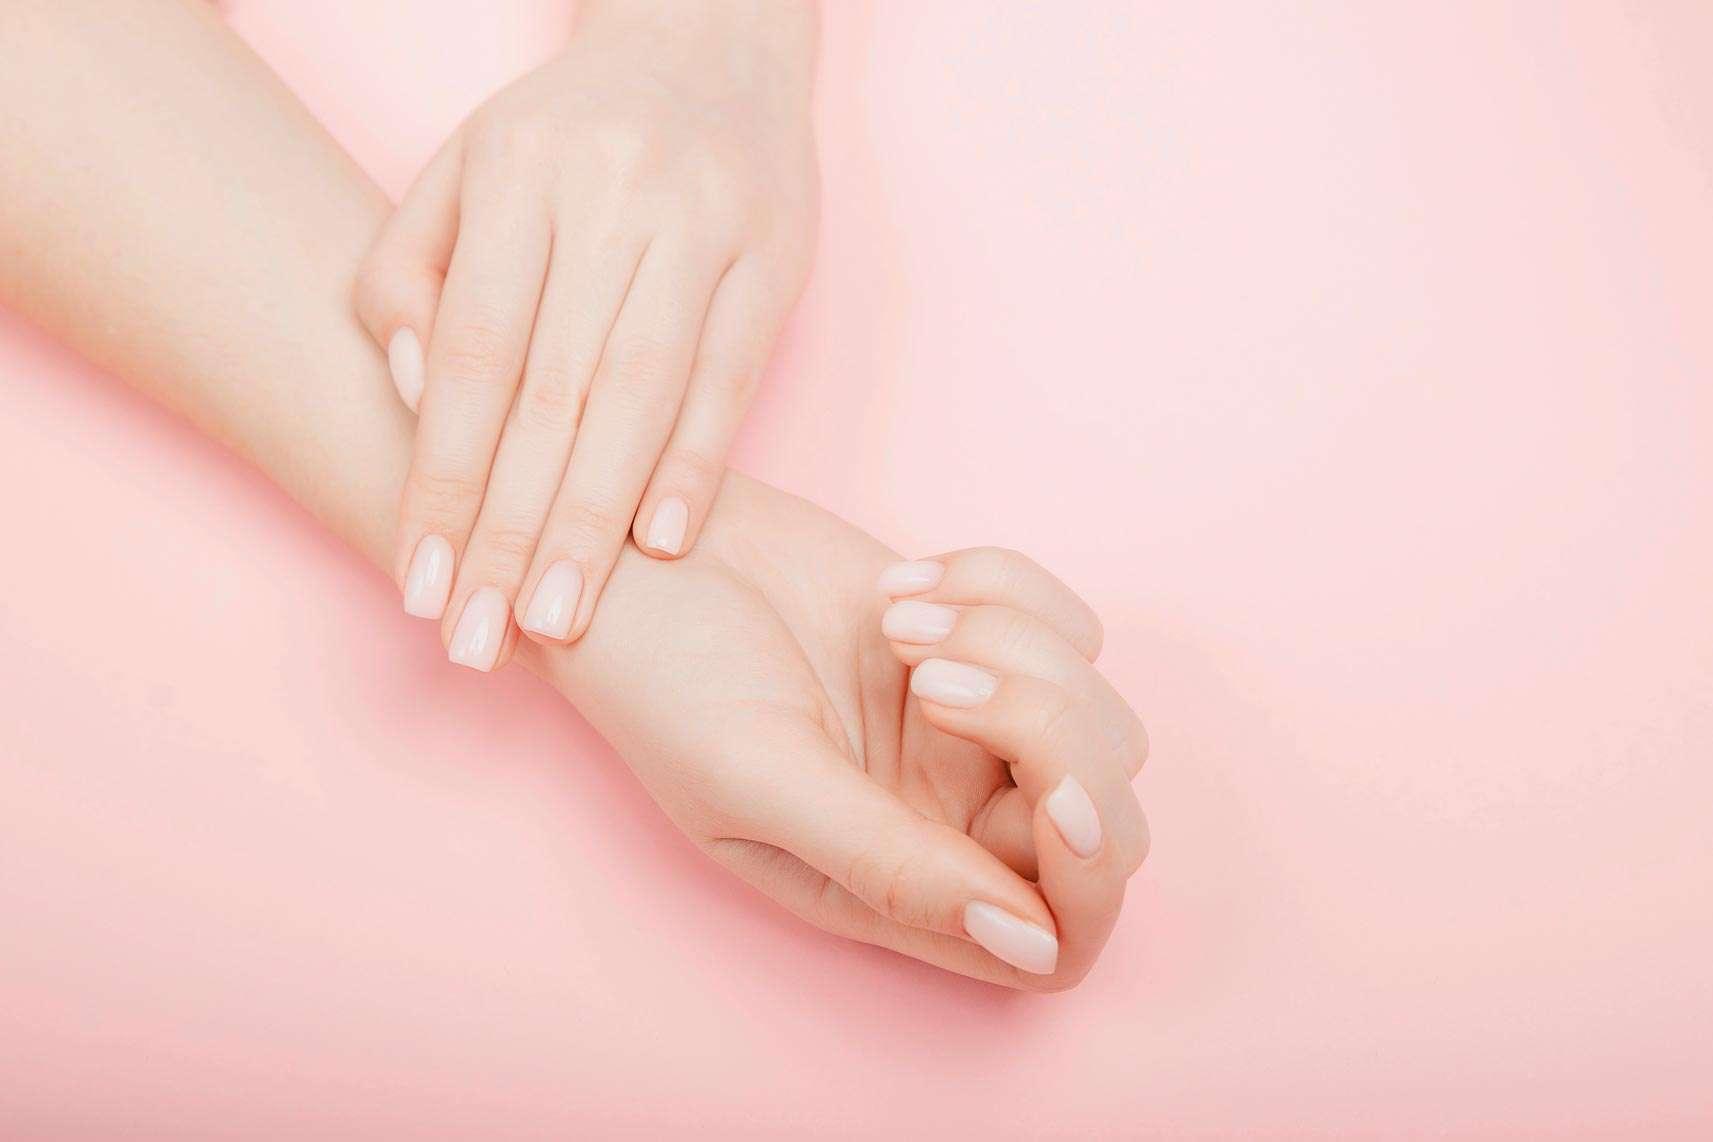 Weak nails?